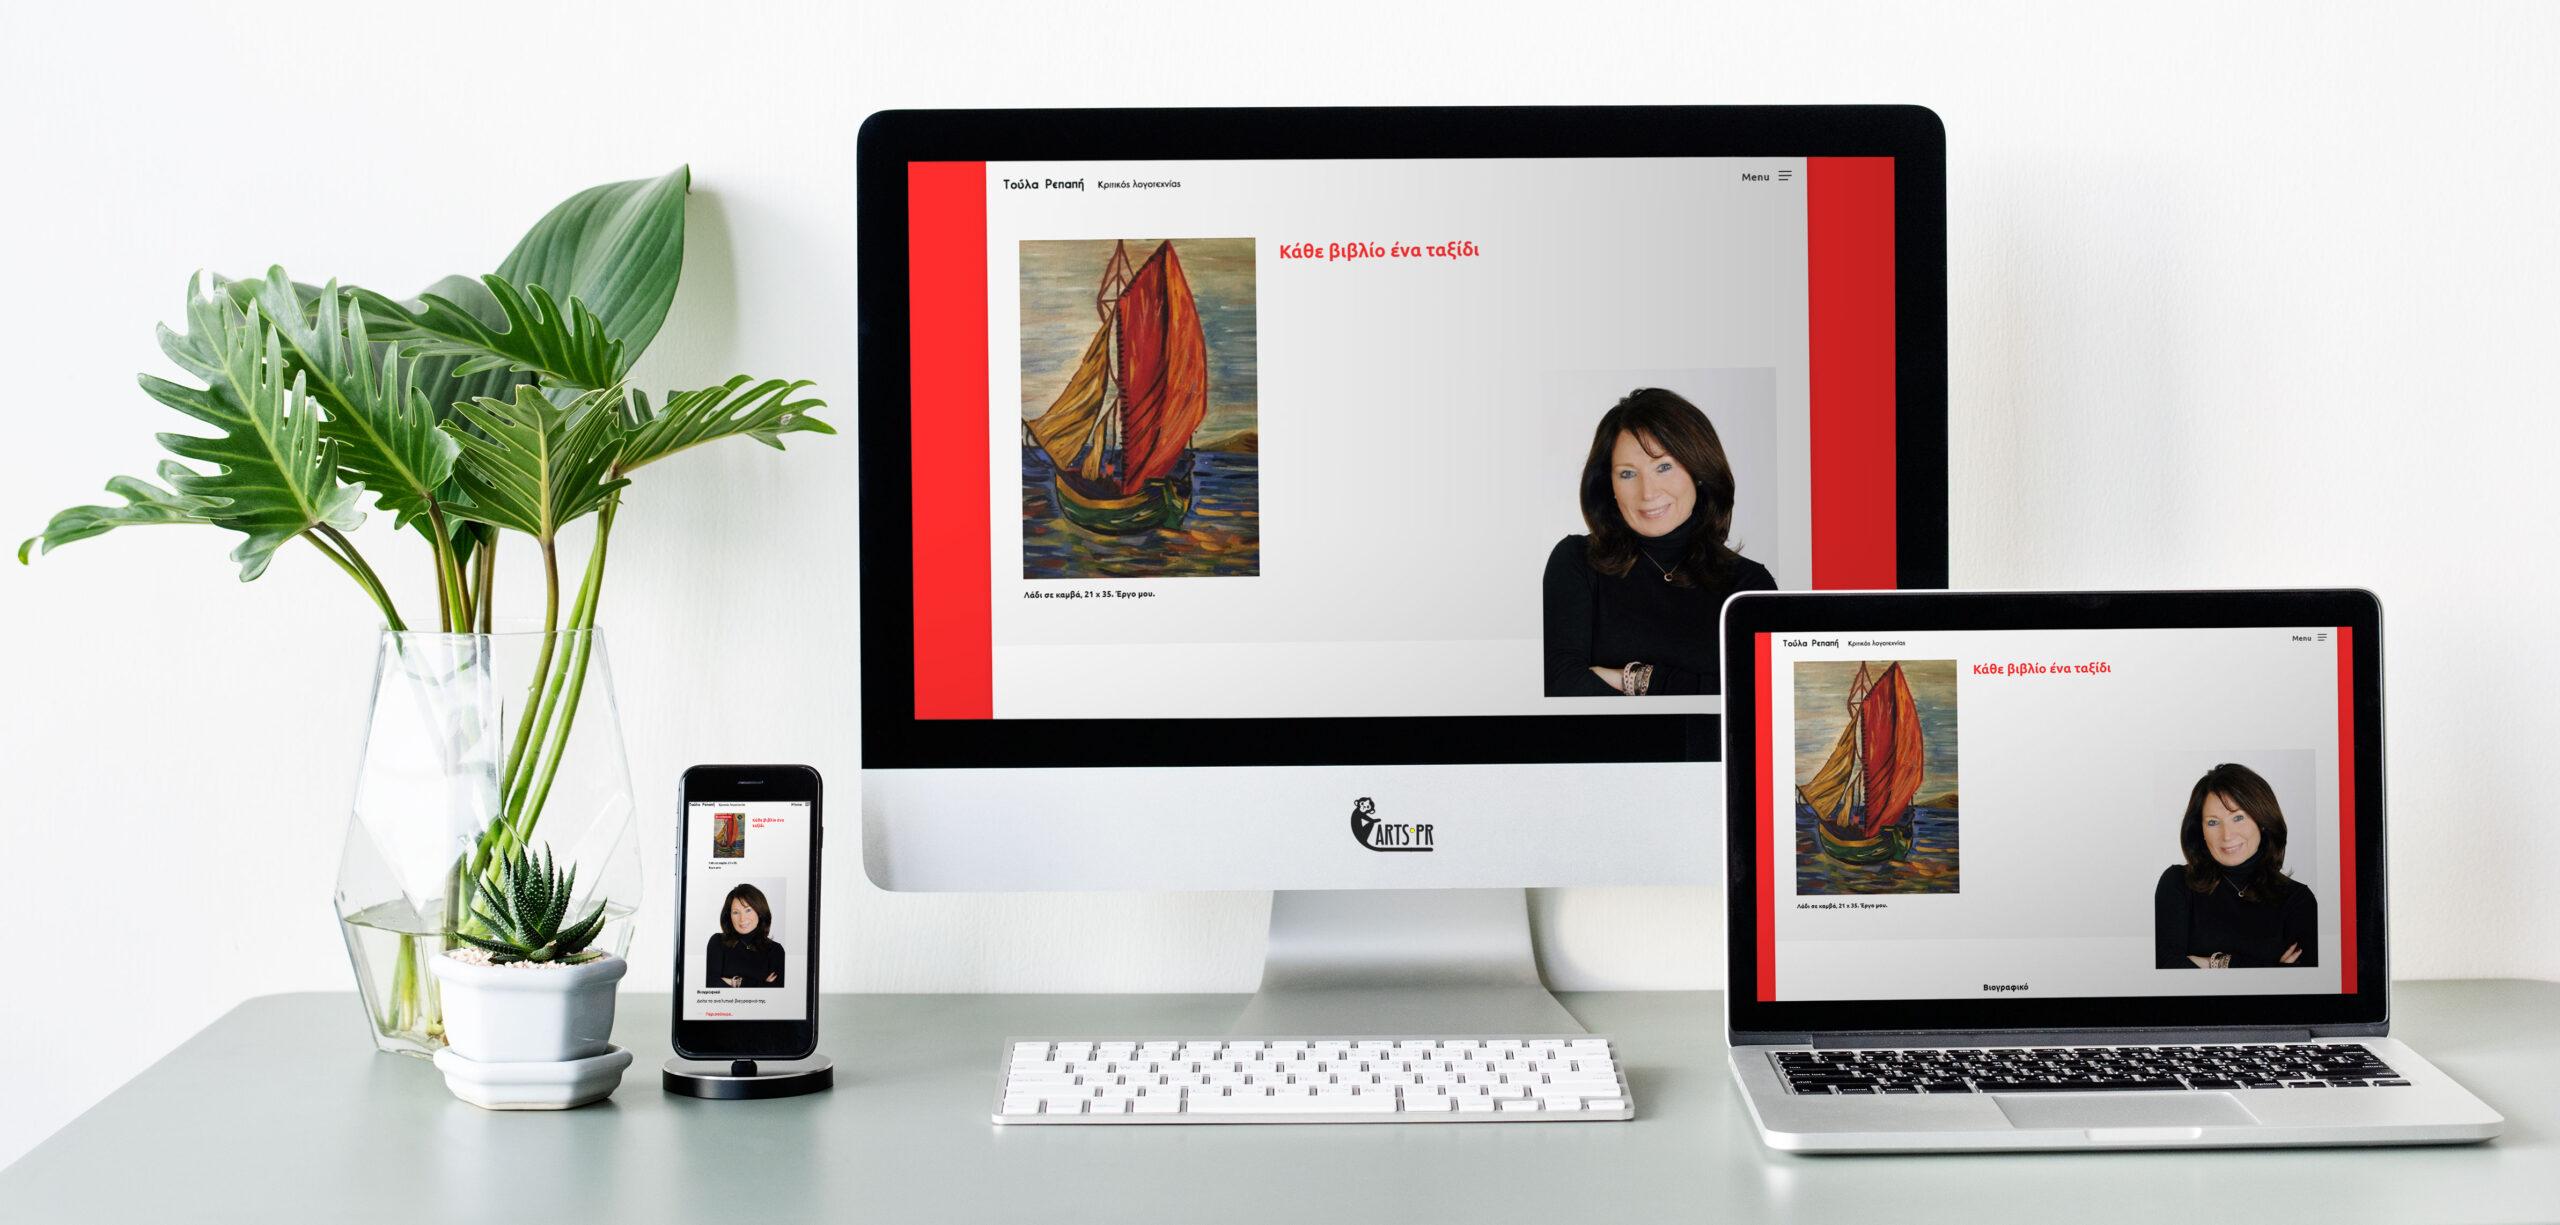 Κατασκευή ιστοσελίδας toularepapis